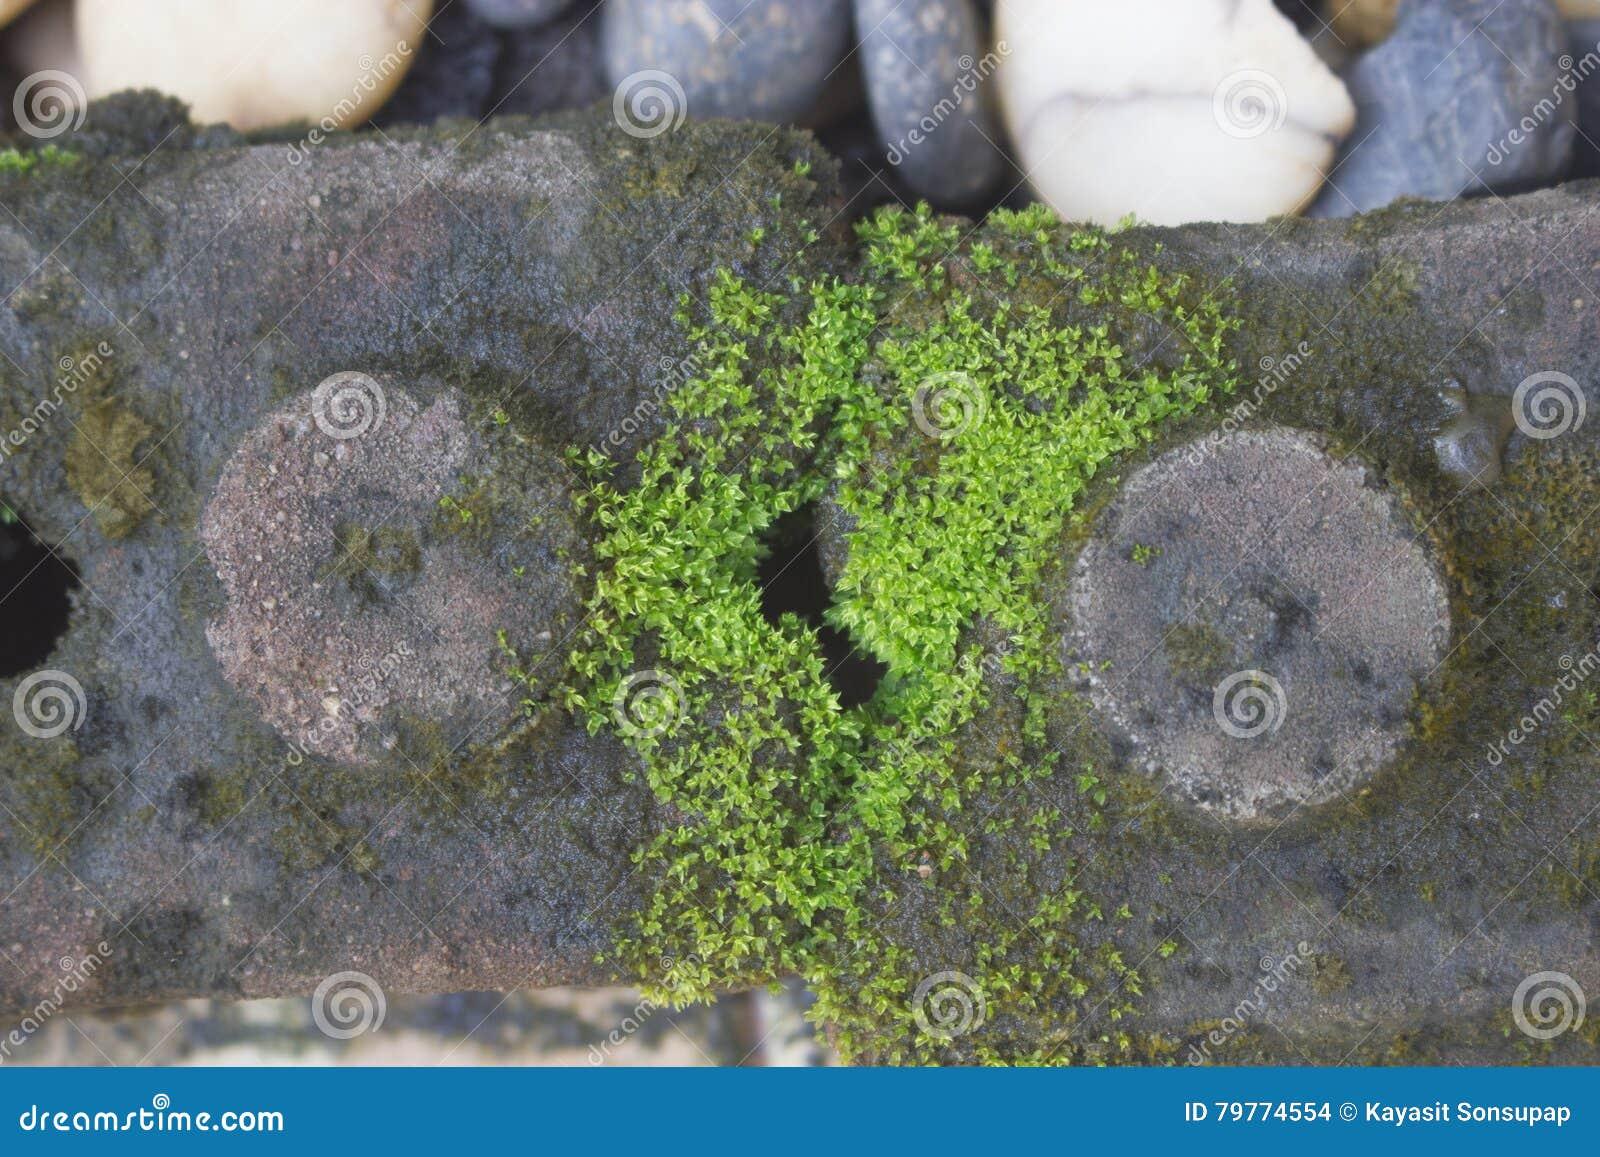 kies im garten, stein schaukelt kies und anlagen im garten stockfoto - bild von, Design ideen